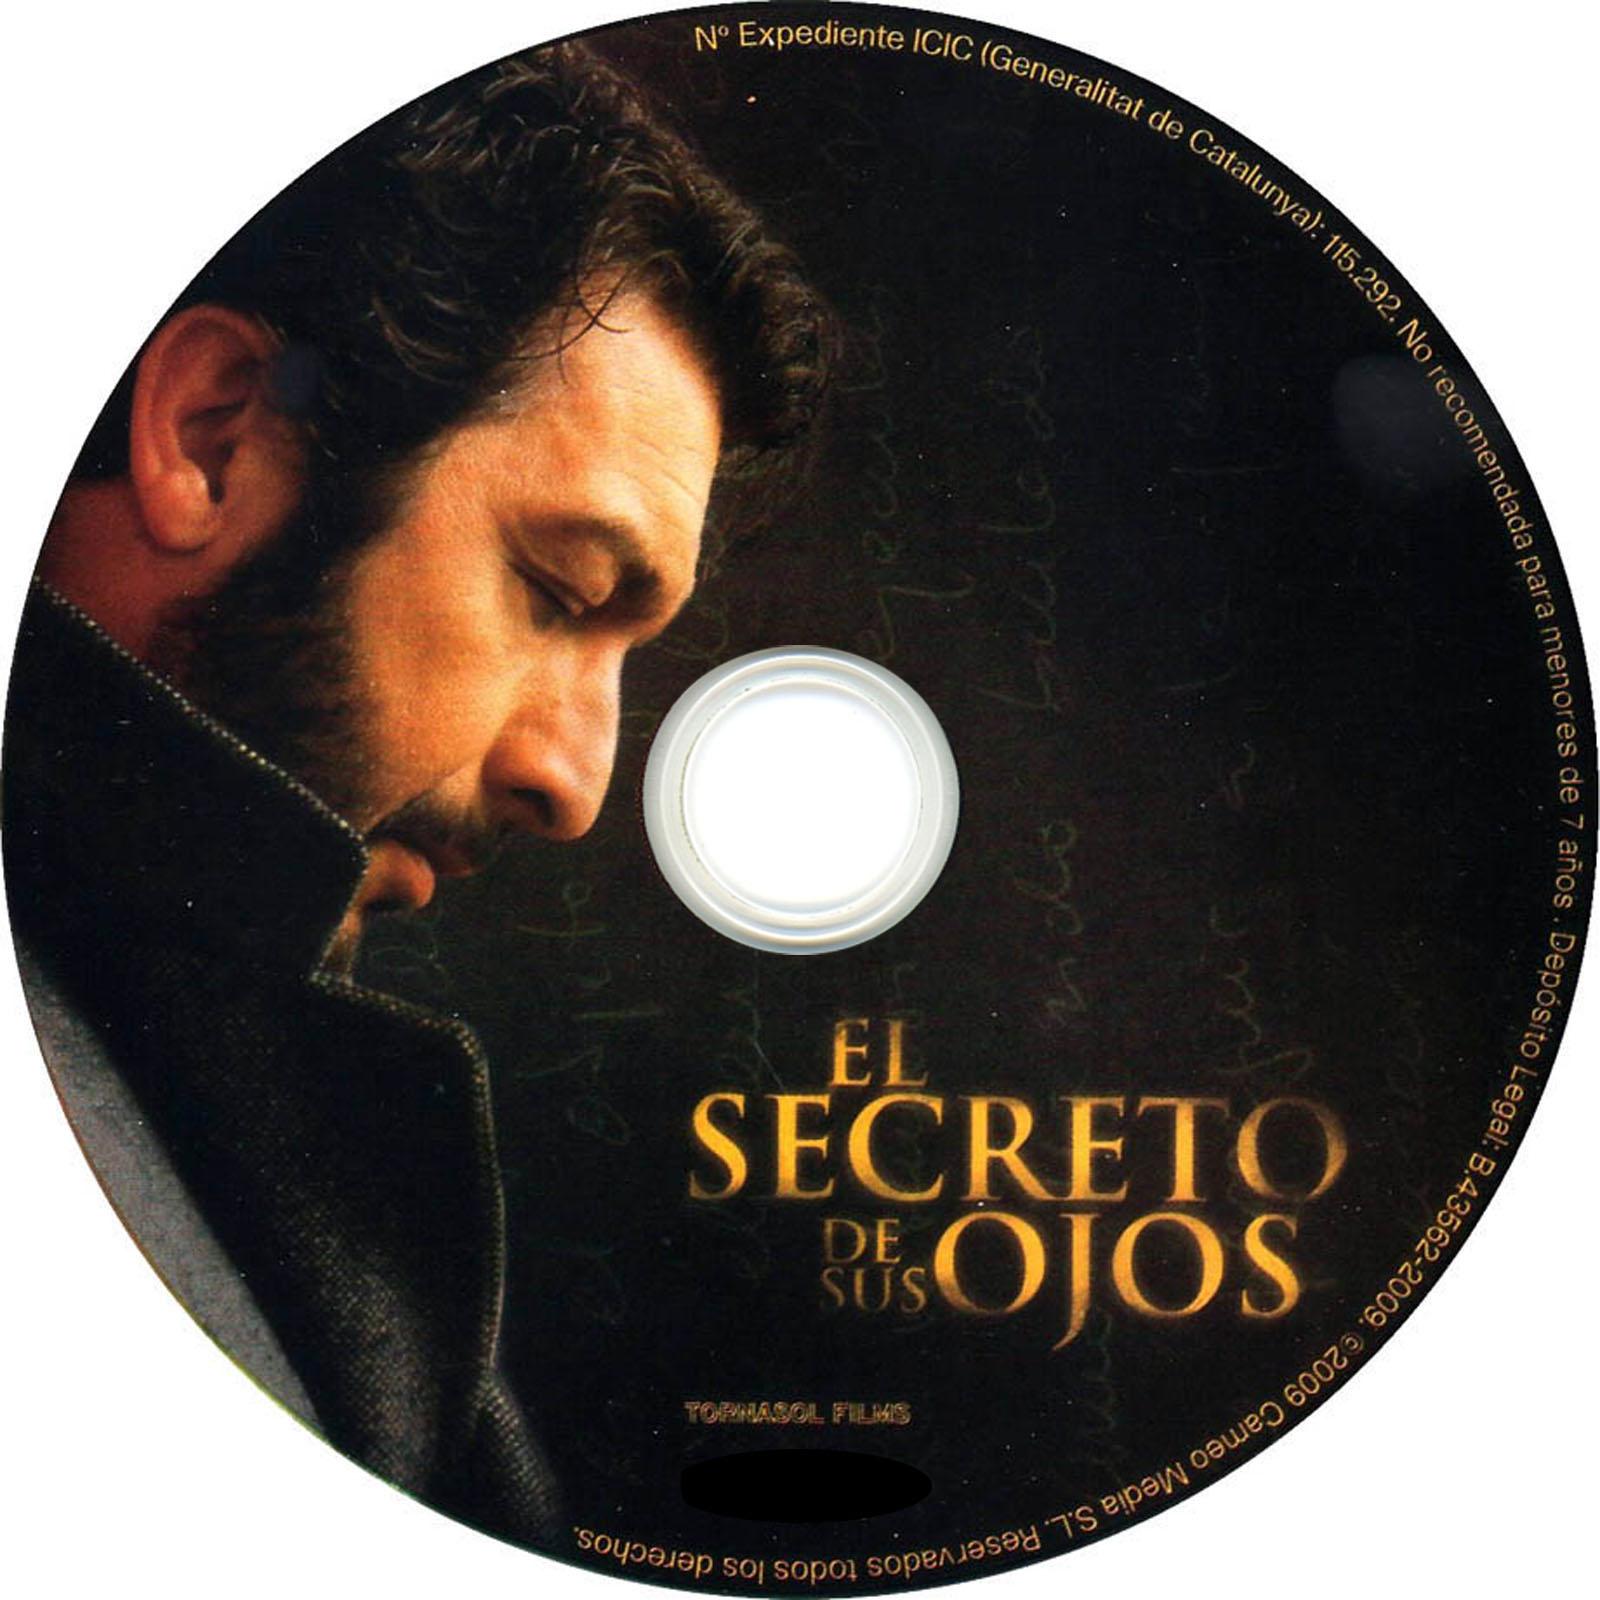 El secreto de sus ojos Dvd Label